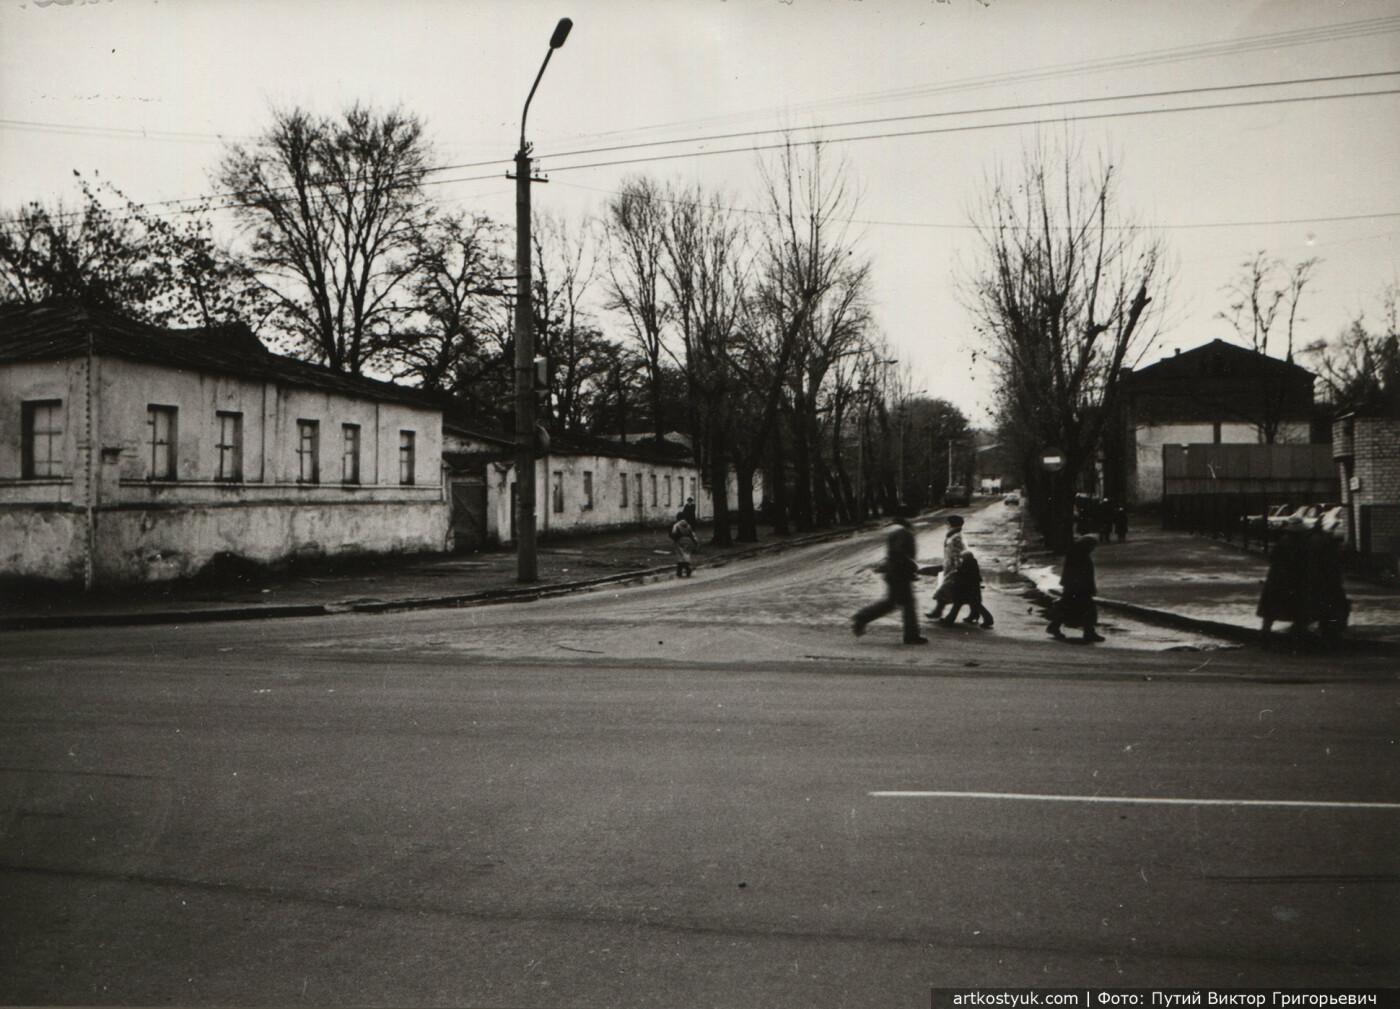 Пересечение улиц Харьковская и Владимира Великого, 1980-е годы